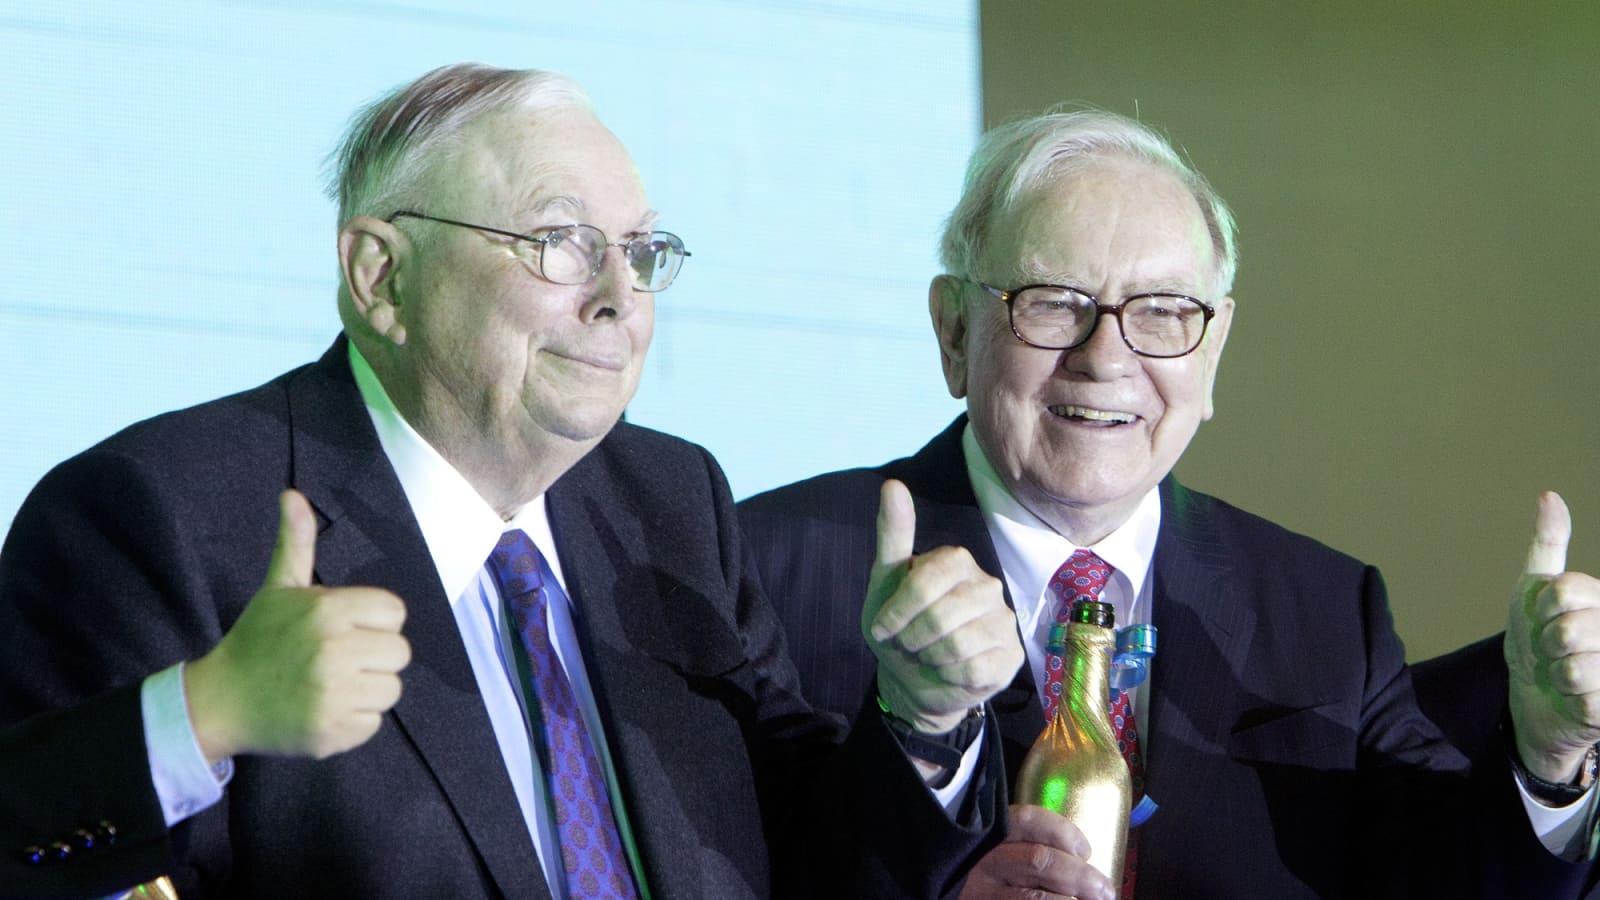 Cổ phiếu hạng A và hạng B khác gì nhau, vì sao doanh nghiệp Mỹ ồ ạt học tập theo Berkshire Hathaway - Ảnh 1.